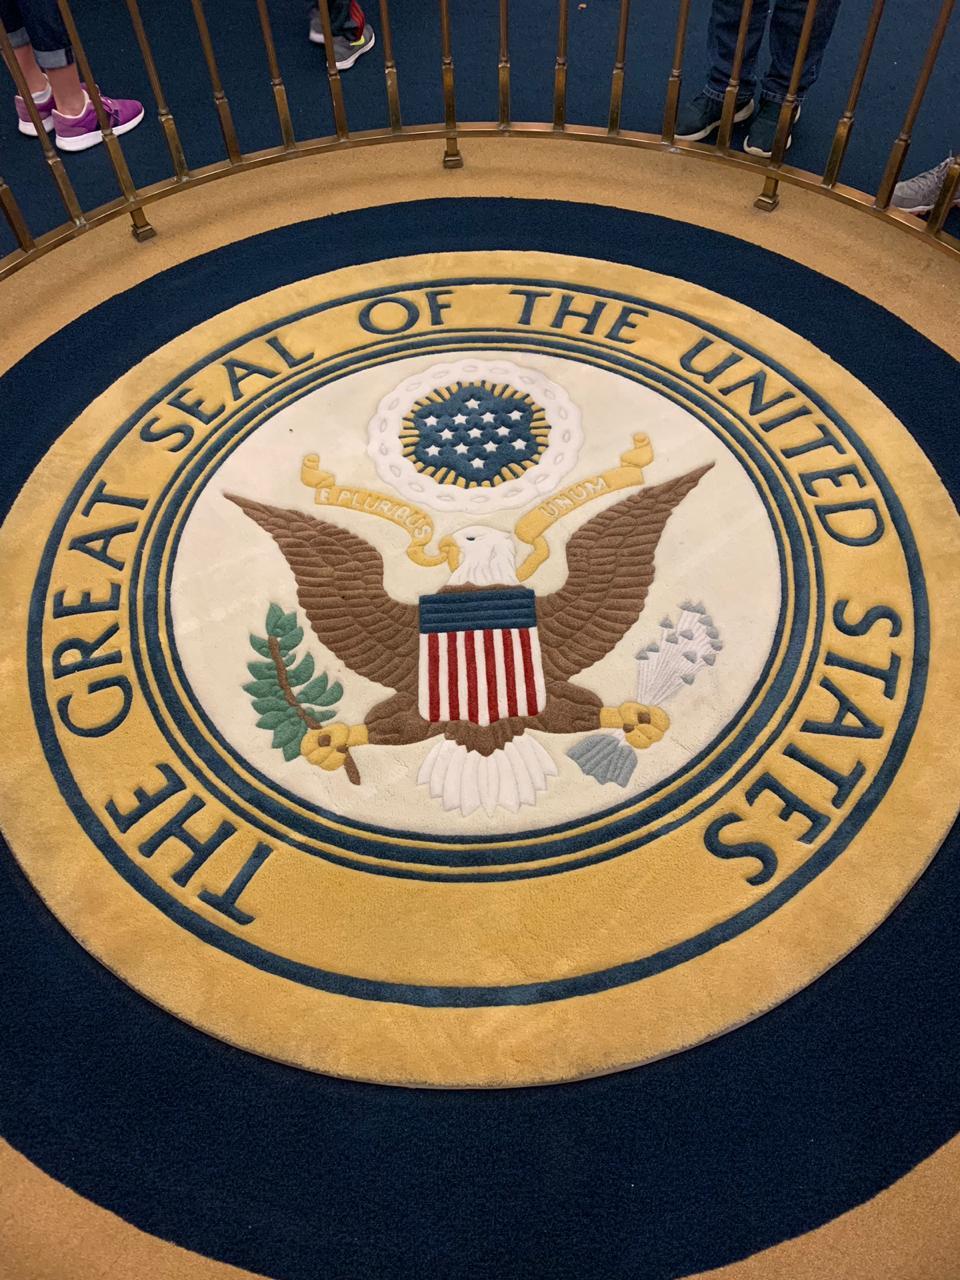 O Grande Selo dos Estados Unidos da América. O Hall of Presidents é o único lugar além da Casa Branca que tem esse selo e isso precisou passar por votação no Congresso.